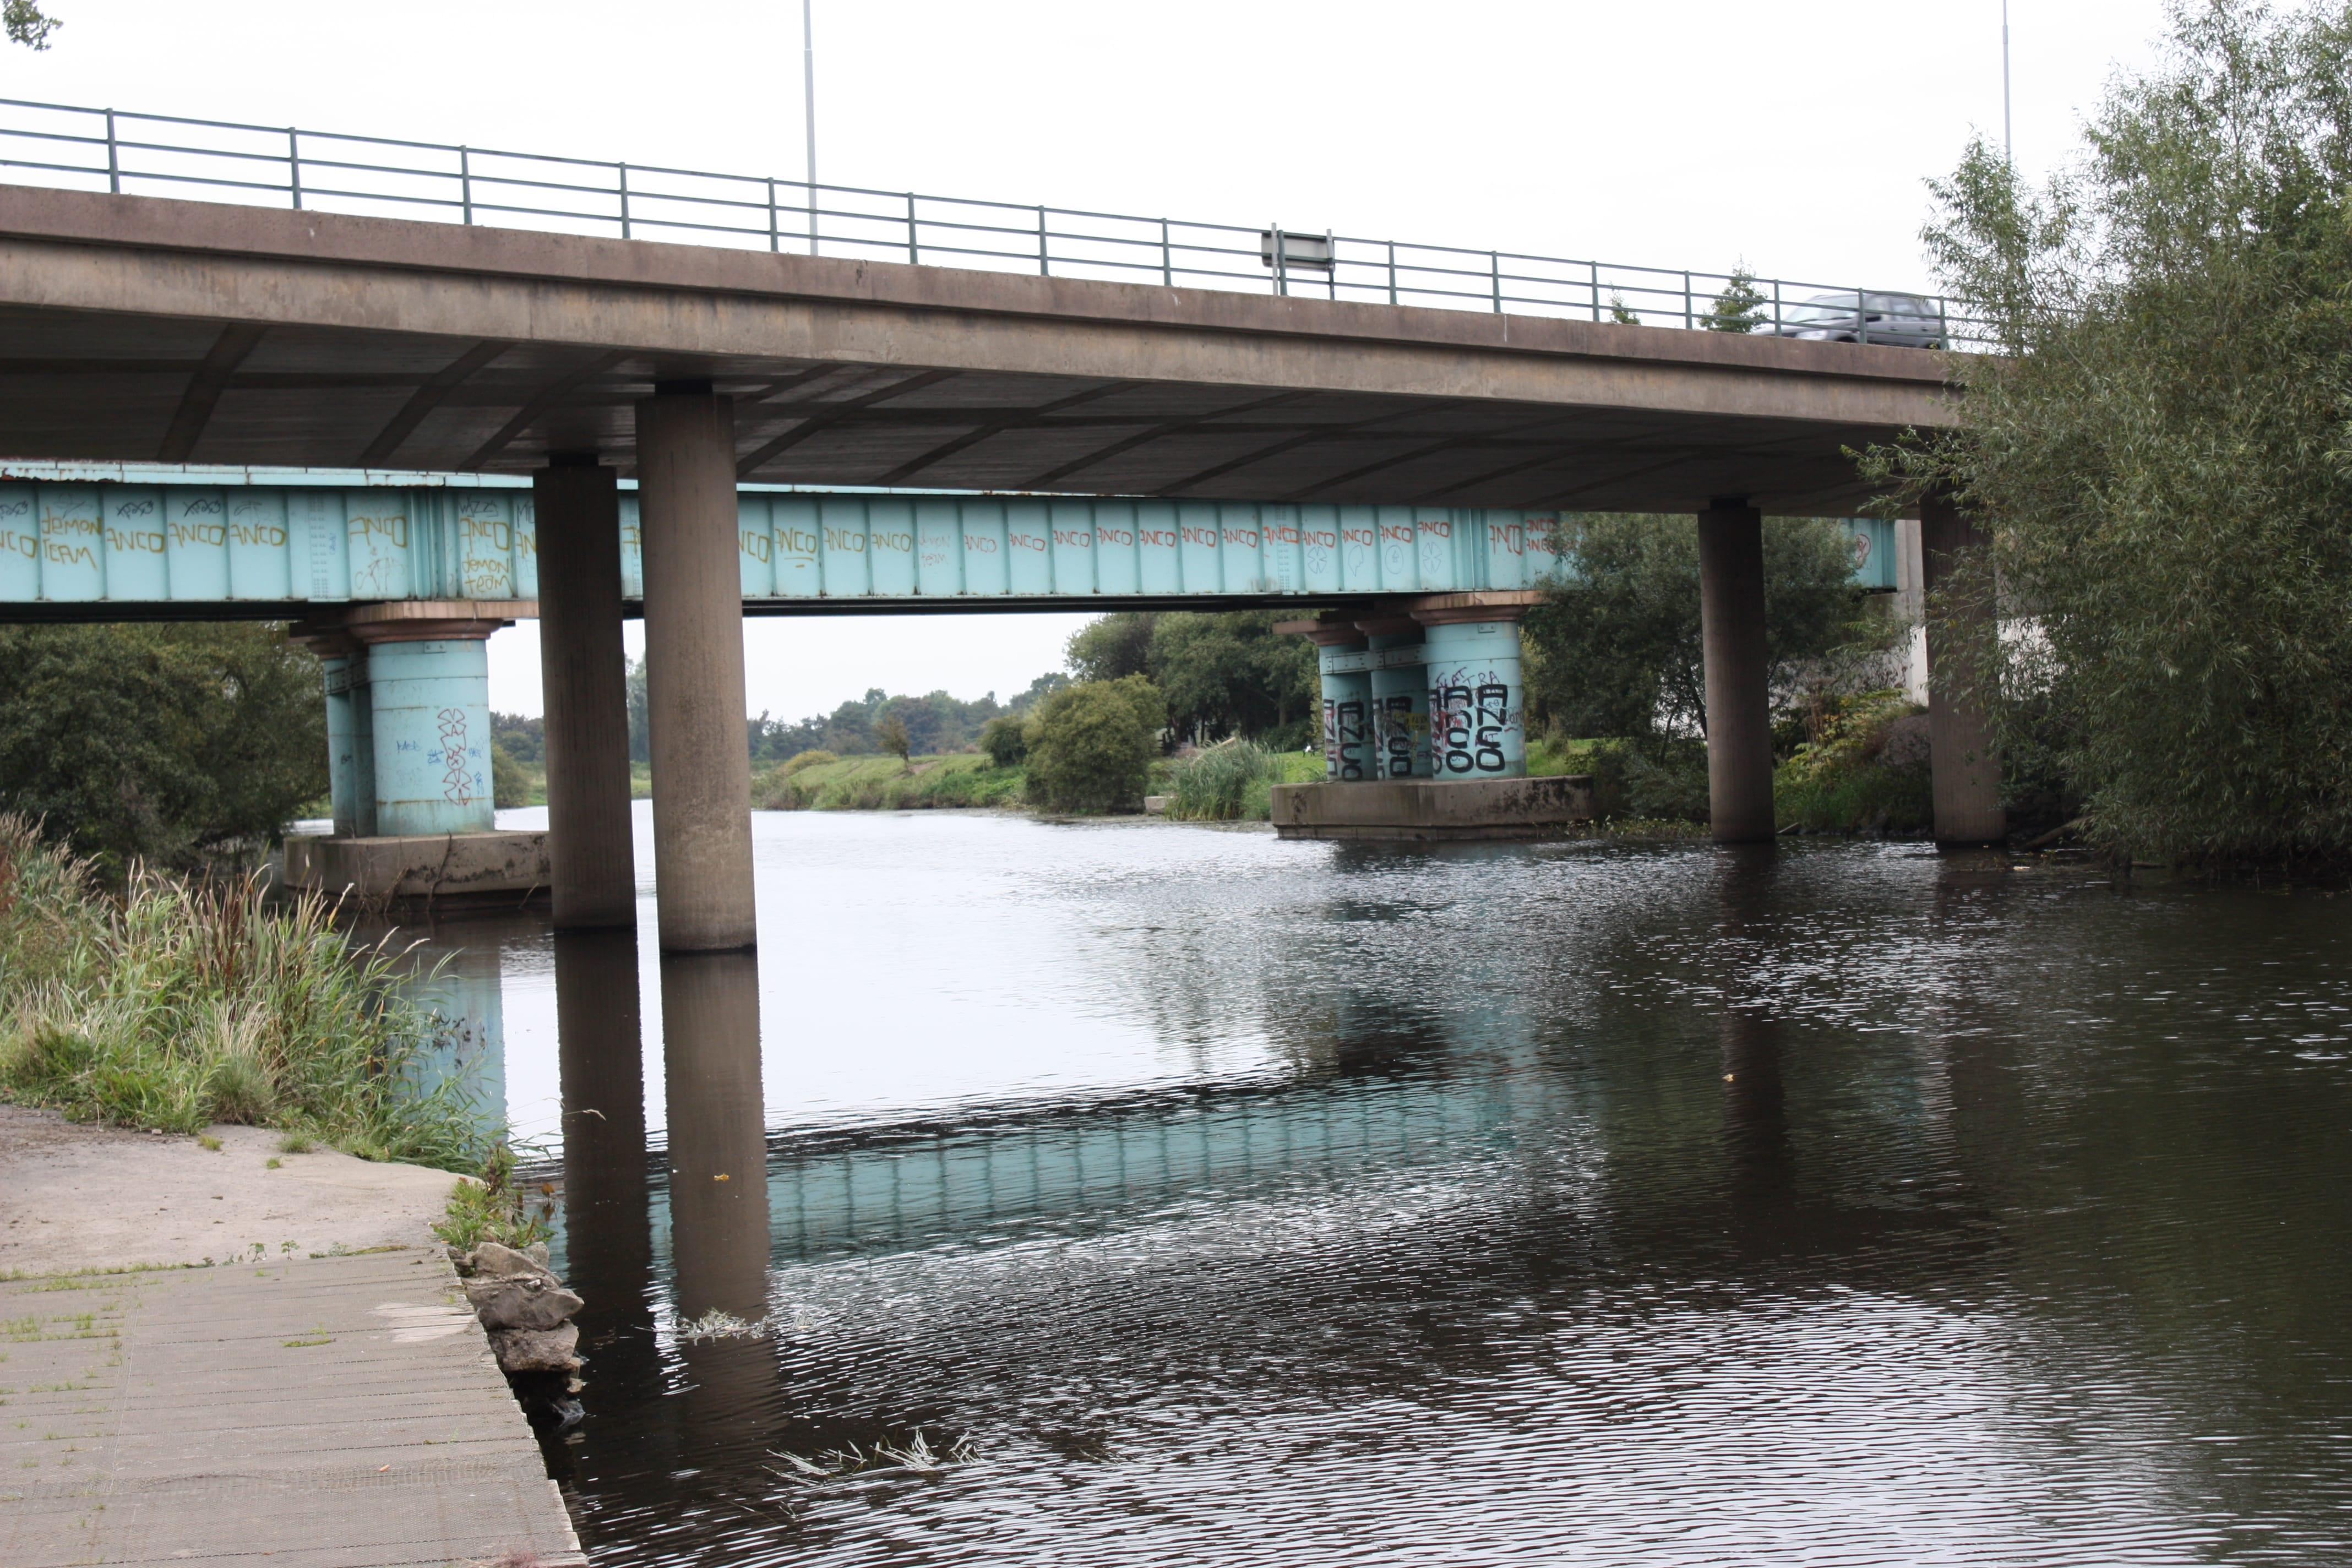 Shillington's Bridge Portadown